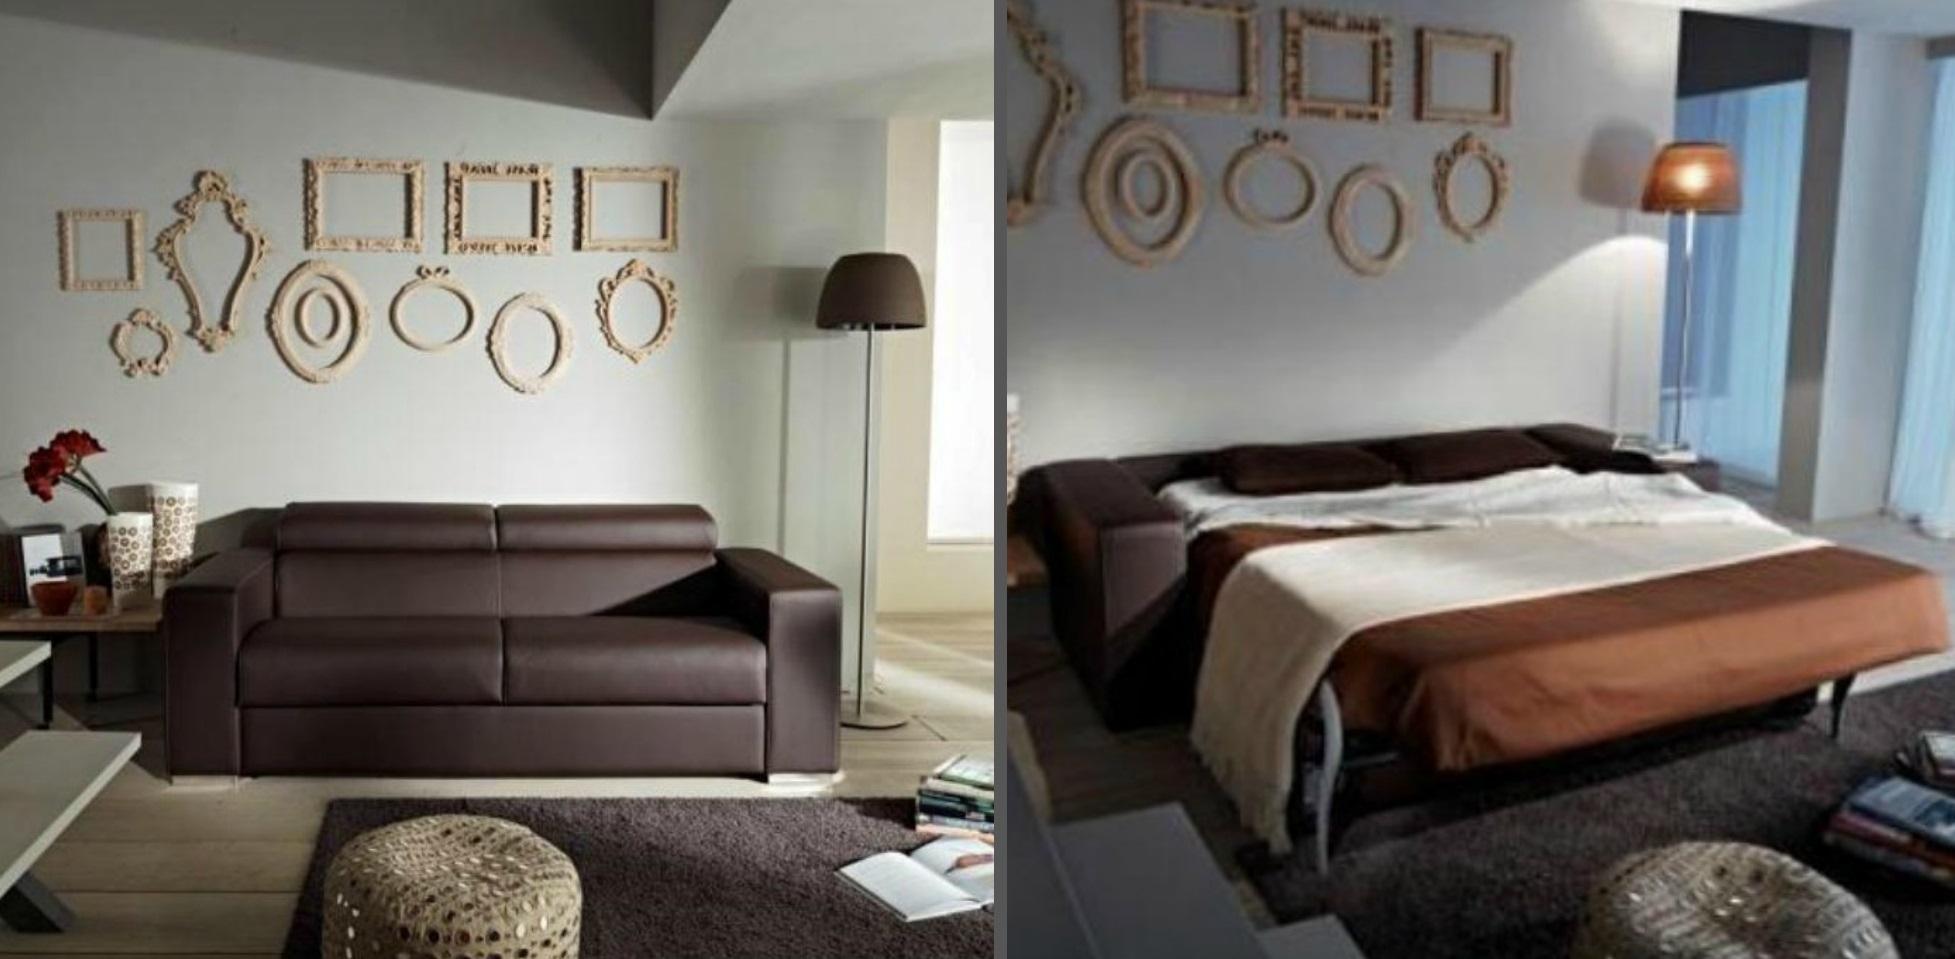 Divano con schienale reclinabile letto estraibile con for Divano letto con materasso